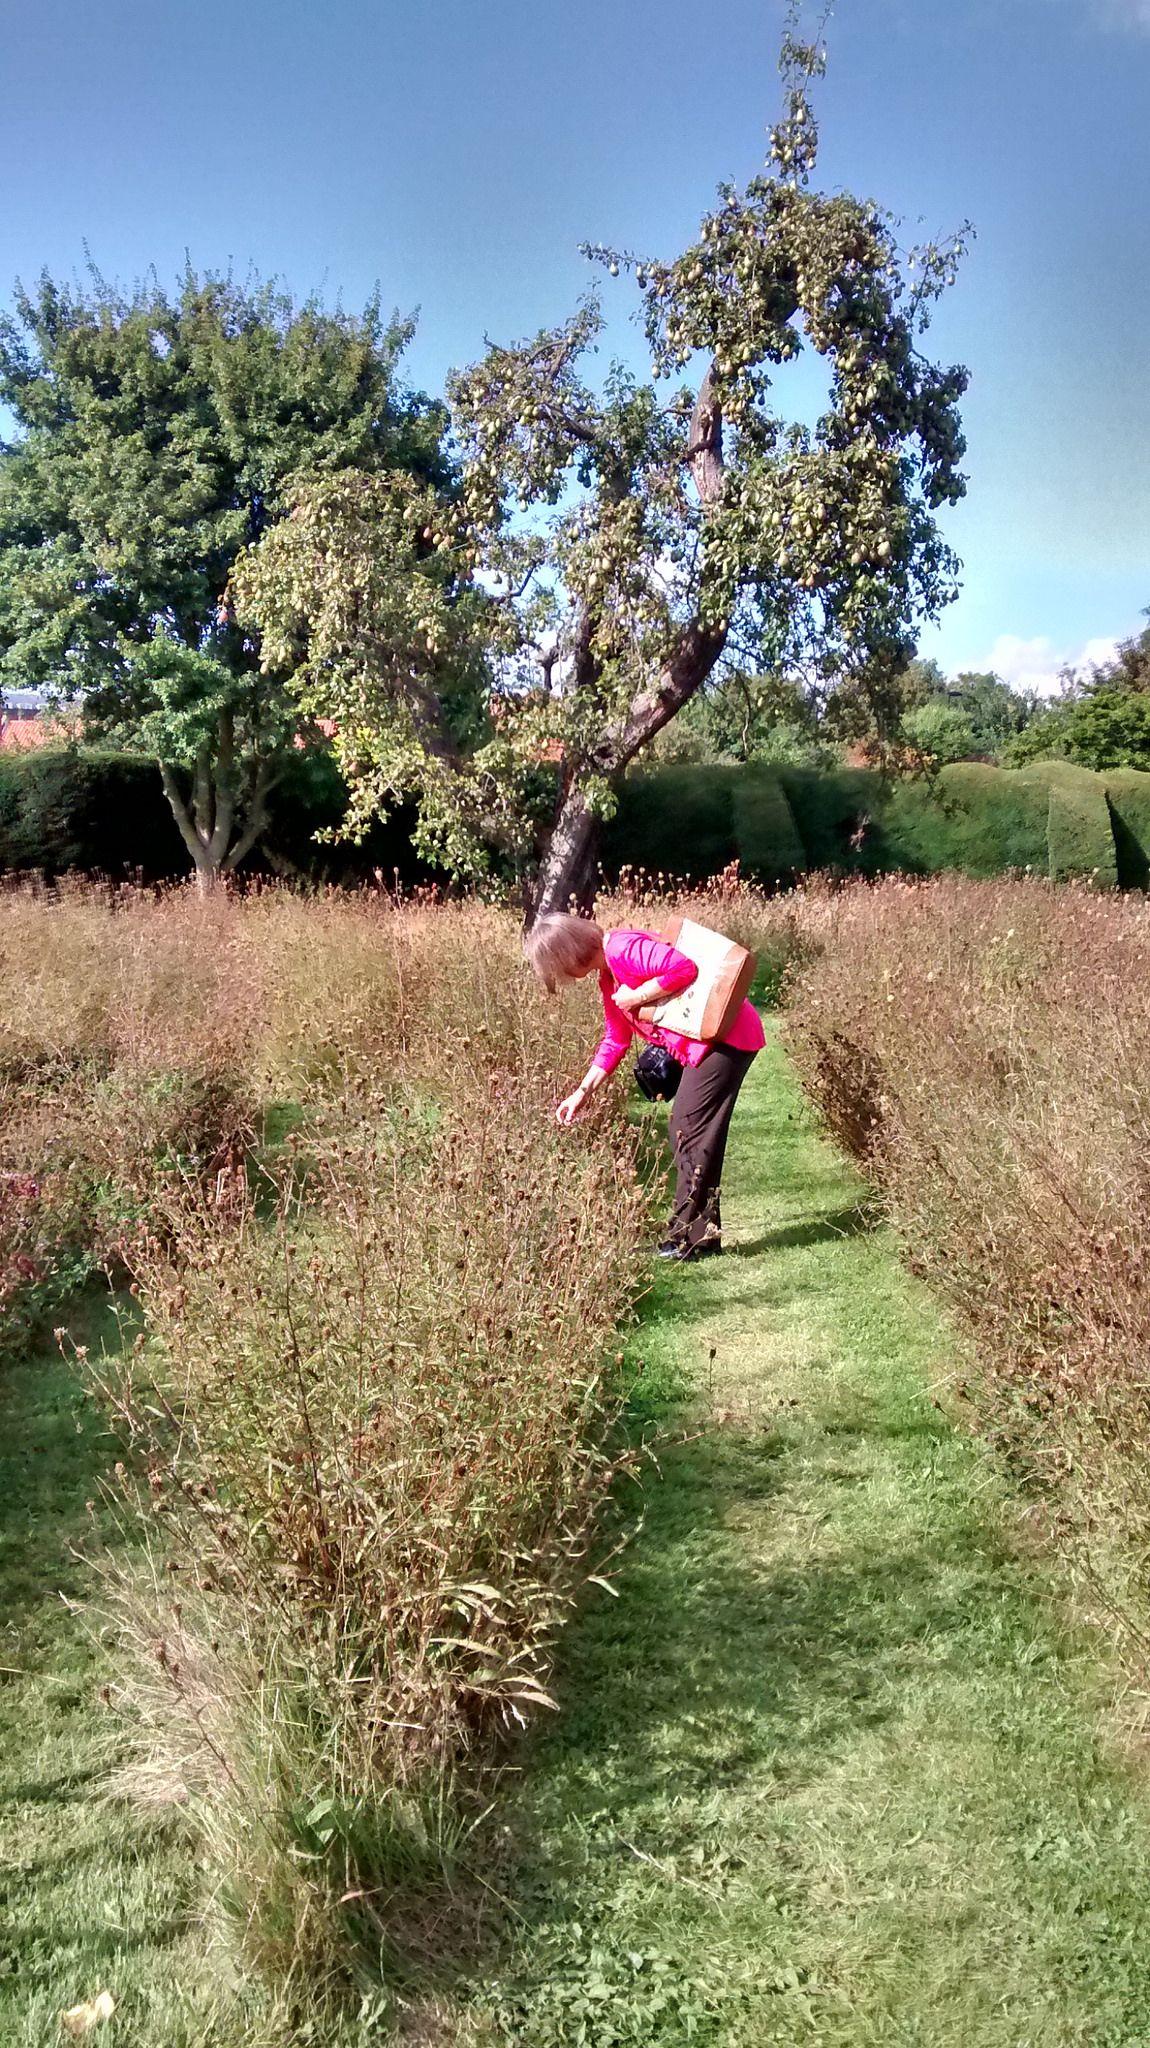 https://flic.kr/p/pdhT7N | Heritage Open Days 2014 | Bishop's Garden